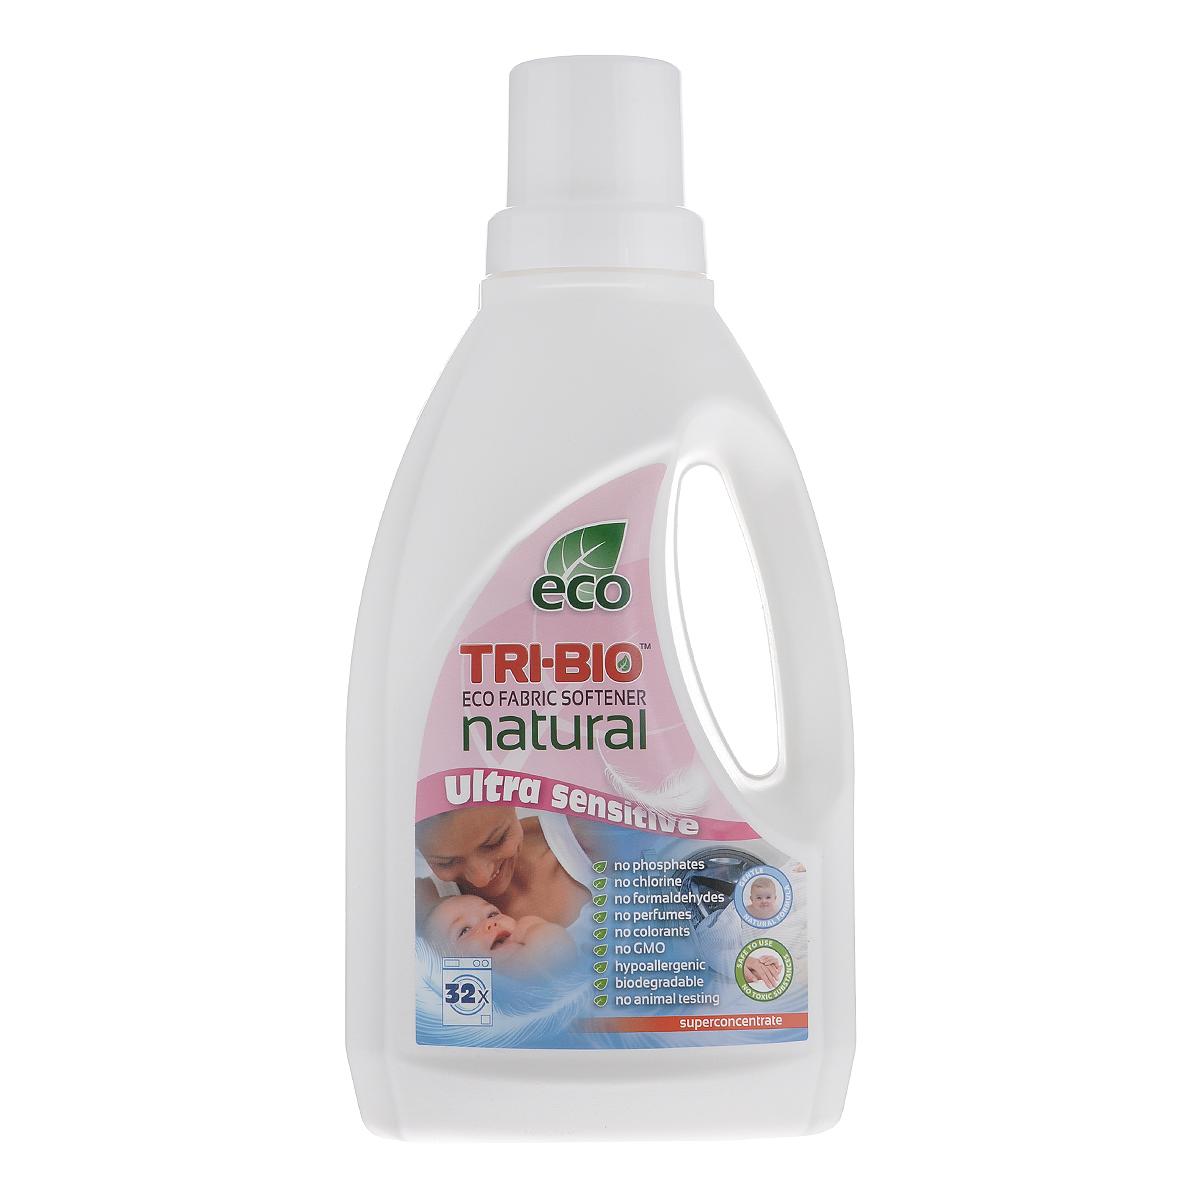 Натуральный кондиционер-смягчитель для белья Tri-Bio, 940 мл0340Эффективная ультра-нежная формула основана на био-энзимах и натуральных растительных и минеральных компонентах. Суперконцентрат расчитан на 32 стирки. Безопасная альтернатива химическим аналогам. Формула кондиционера - смягчителя достаточно нежная для чувствительной детской кожи. Идеально подходит для детского белья и людей с чувствительной кожей. Не содержит ароматов и красителей, рекомендуются для людей, склонных к аллергиям и астме. Для здоровья: Не содержит жесткие химические вещества, токсические вещества, агрессивные абразивные вещества, агрессивные растворители, хлор отбеливающих веществ, фосфаты, нонилфенолы, красители и ароматизаторы, гипоаллергенно. Для окружающей среды: Низкий уровень ЛОС, легко биоразлагаемо, минимальное влияние на водные организмы, рециклируемые упаковочные материалы, не испытывалось на животных. Присвоен сертификат ECO GREEN.